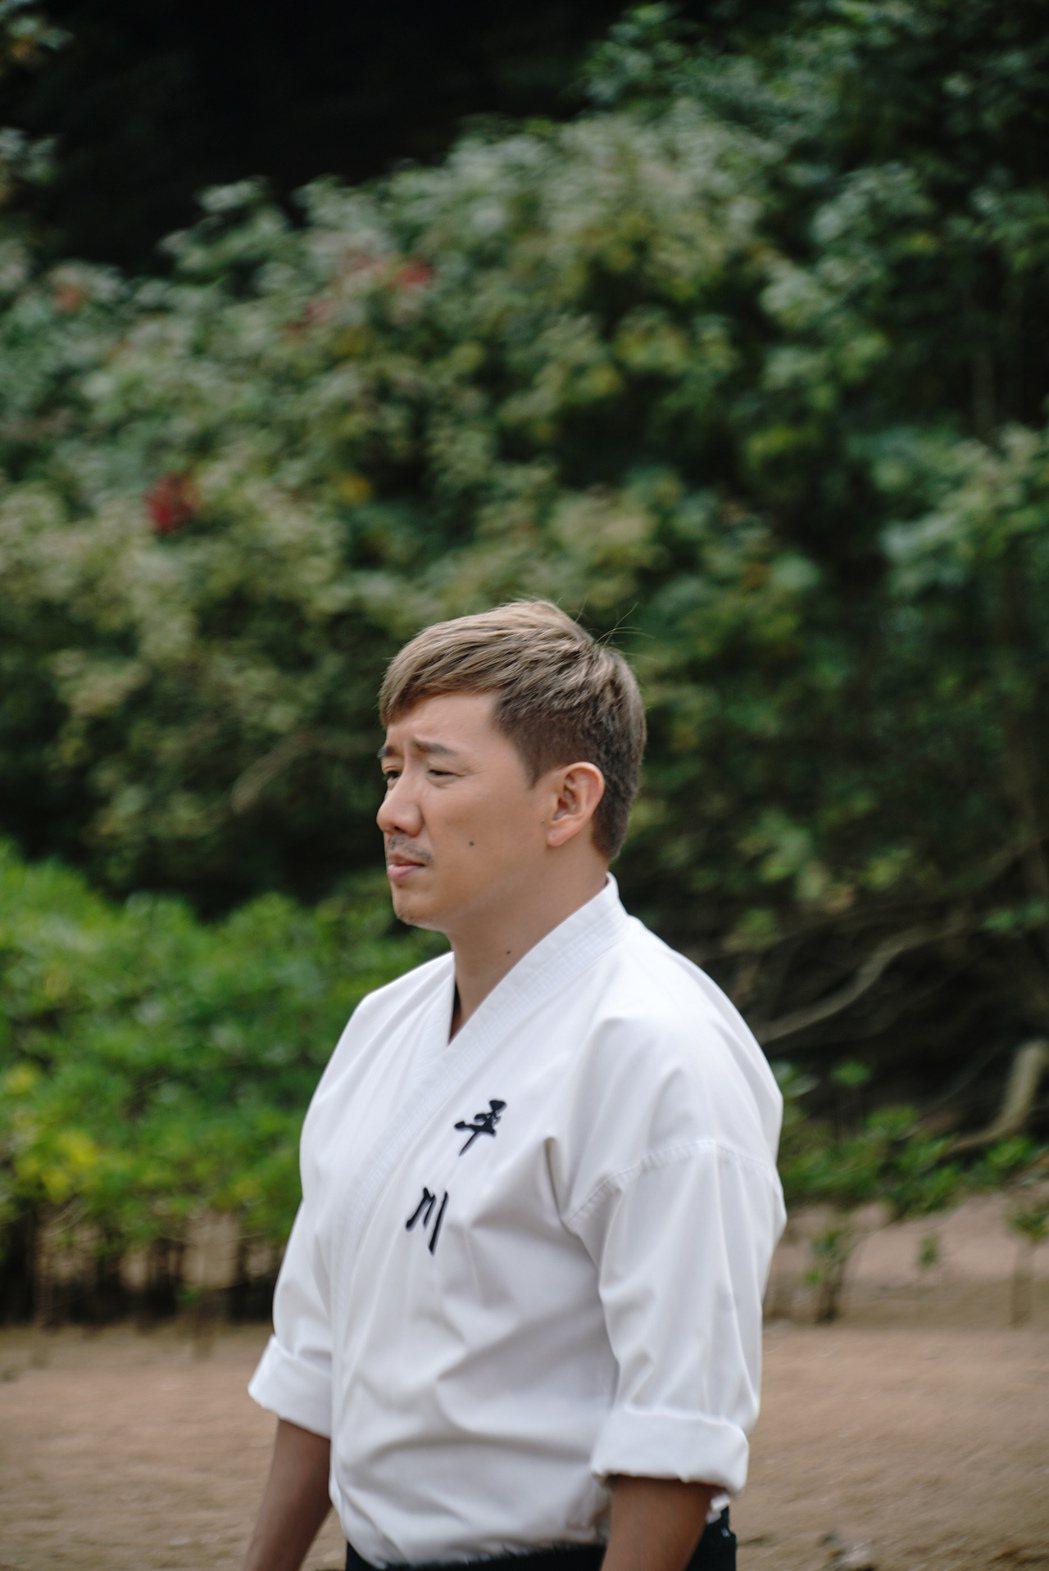 杜汶澤自編自導自演新片「空手道」,同時兼任武術指導。圖/甲上提供